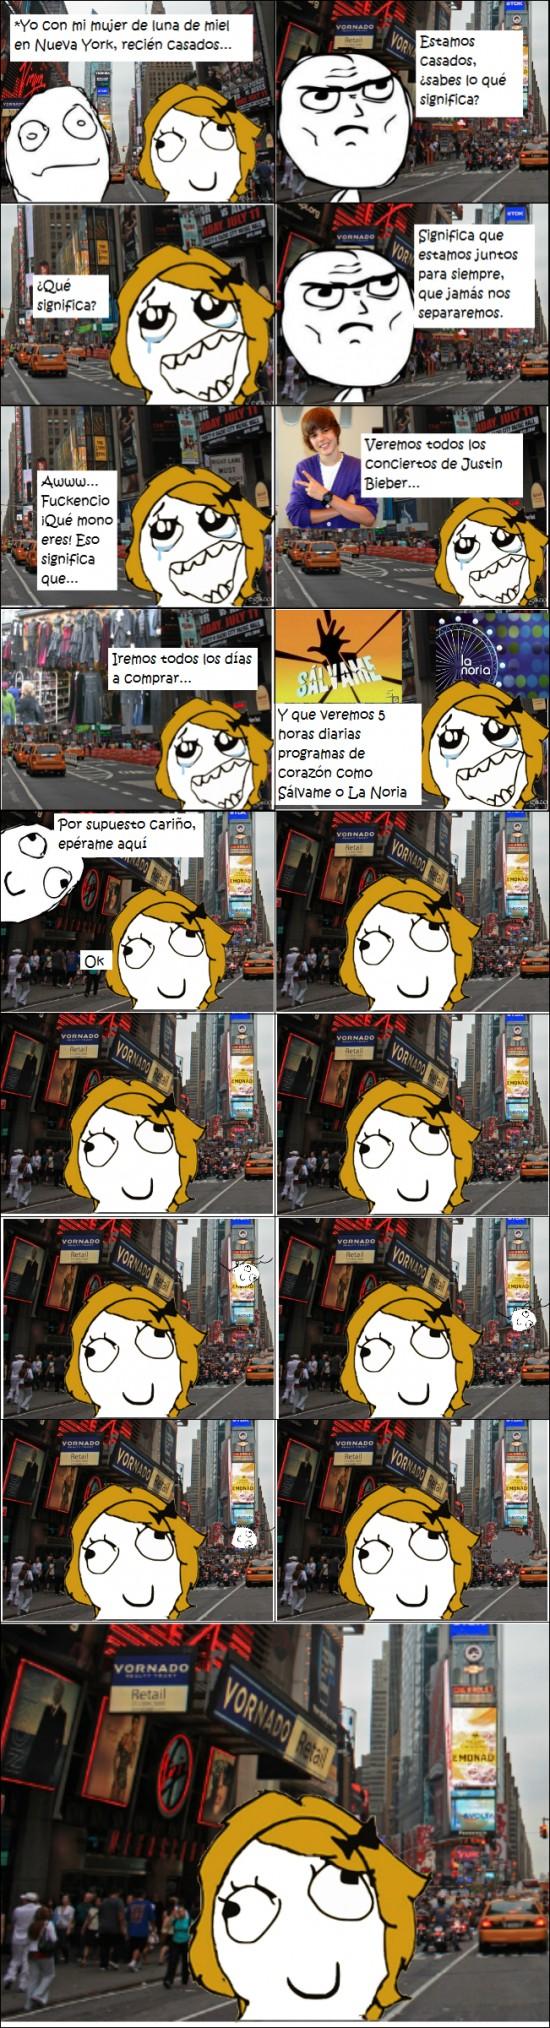 Retarded - New York, la ciudad de los sueños